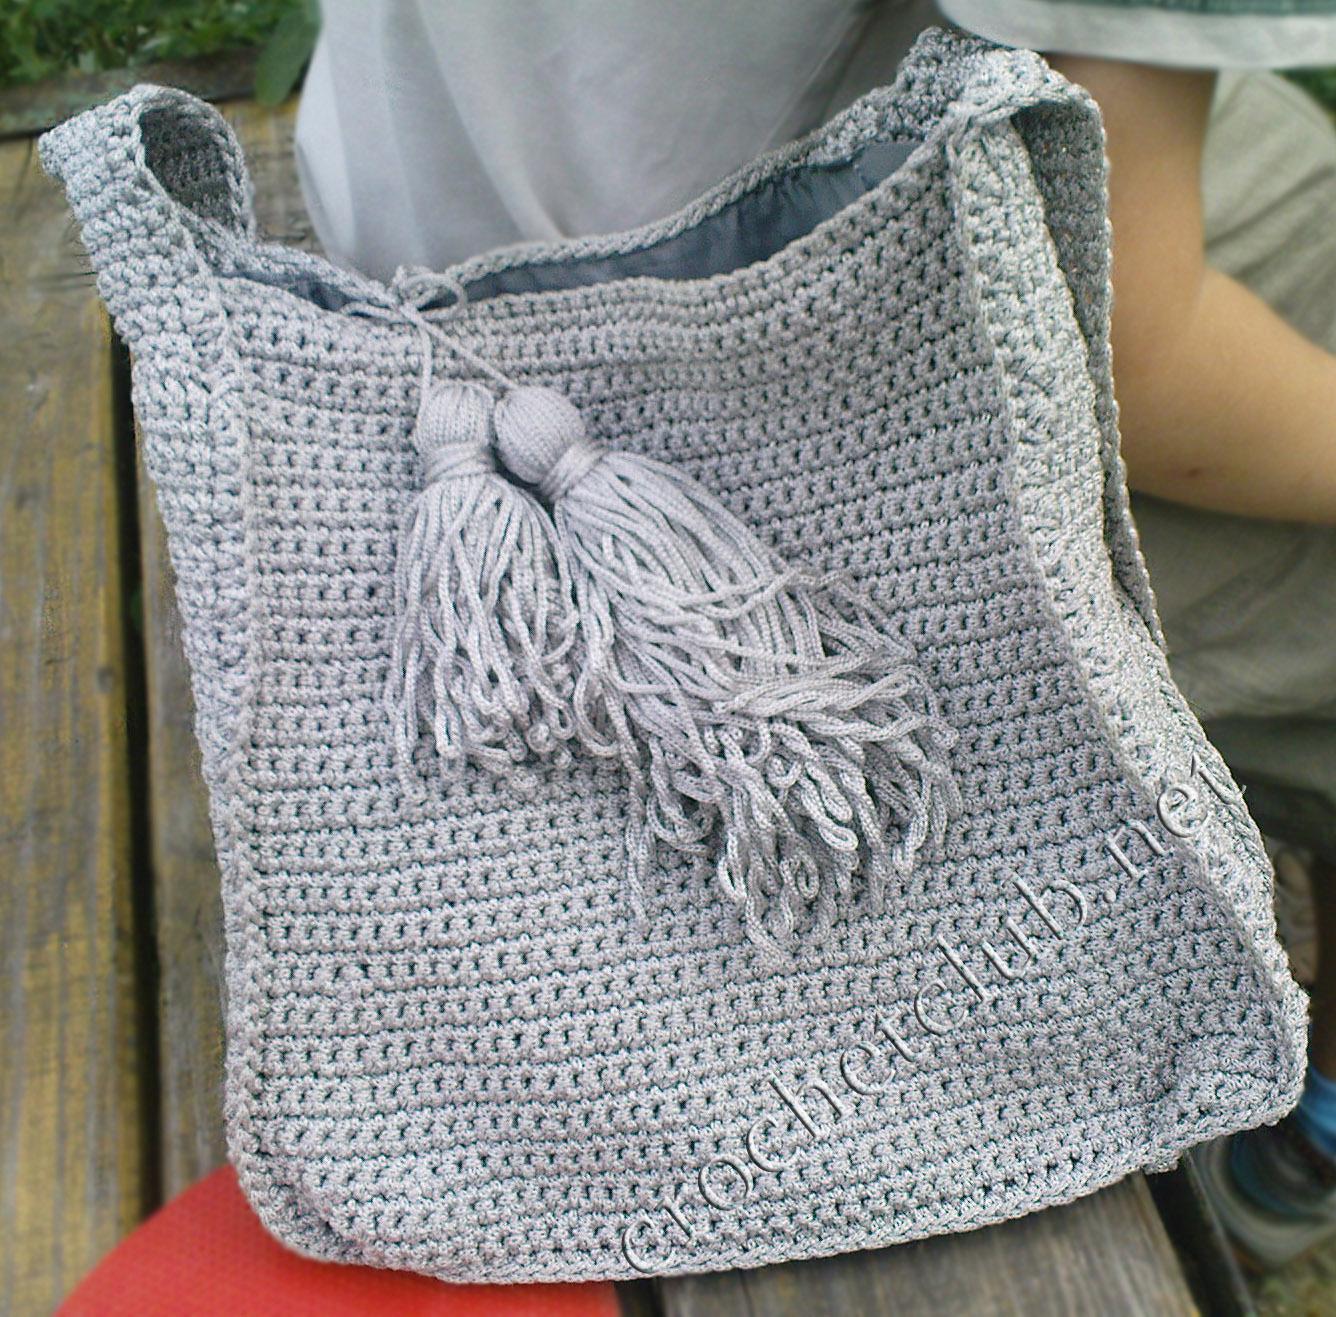 Вязание для пляжа схемы - Мир Вязания, Вязаные ажурные кофточки со ... полосами и пляжная сумка, вязание крючком...